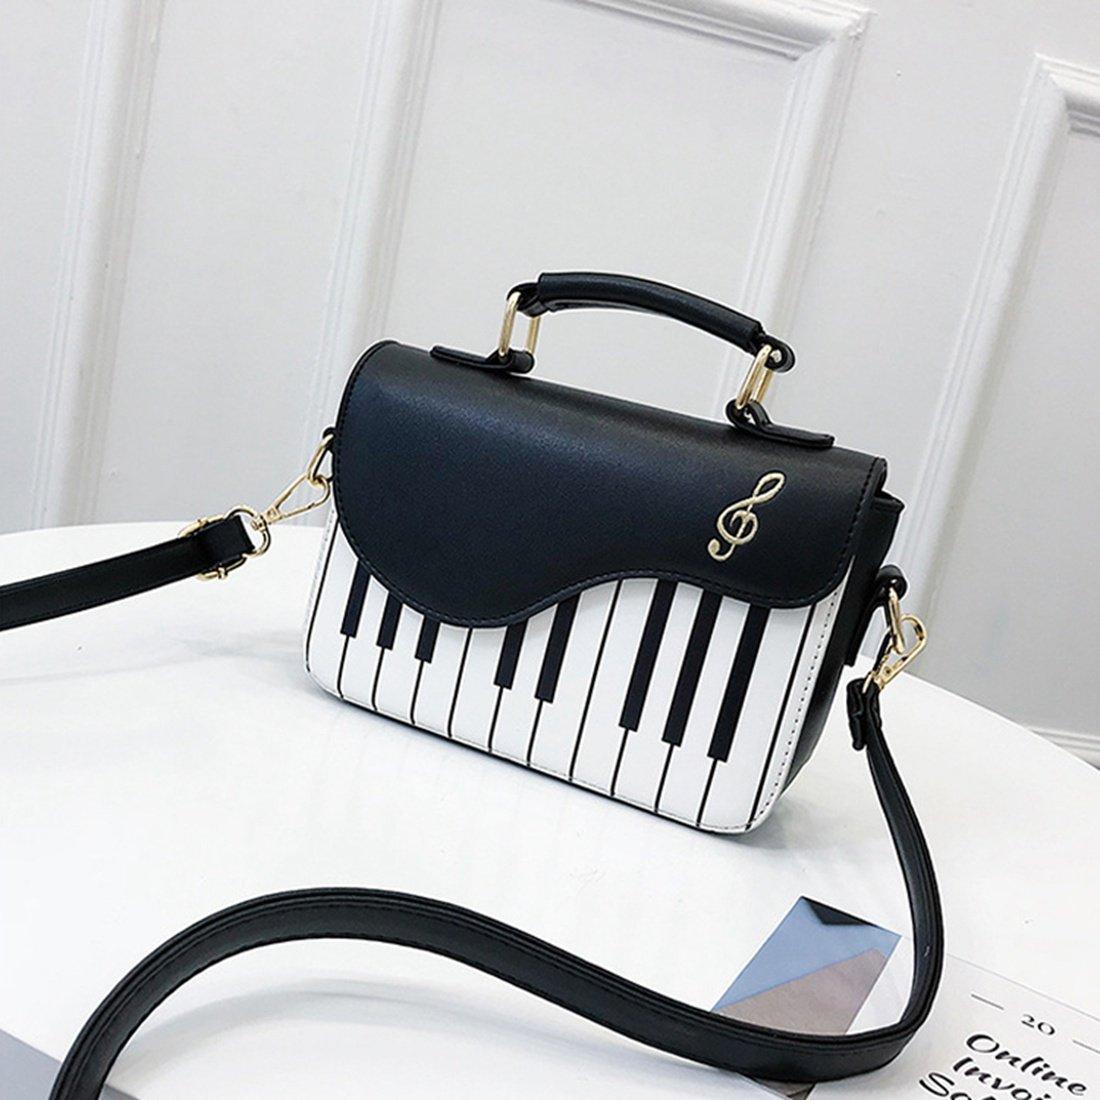 Cikuso Negro nueva moda color de golpe bolso de impresion de piano dulce viento fresco hombro diagonal portatil pequeno bolso